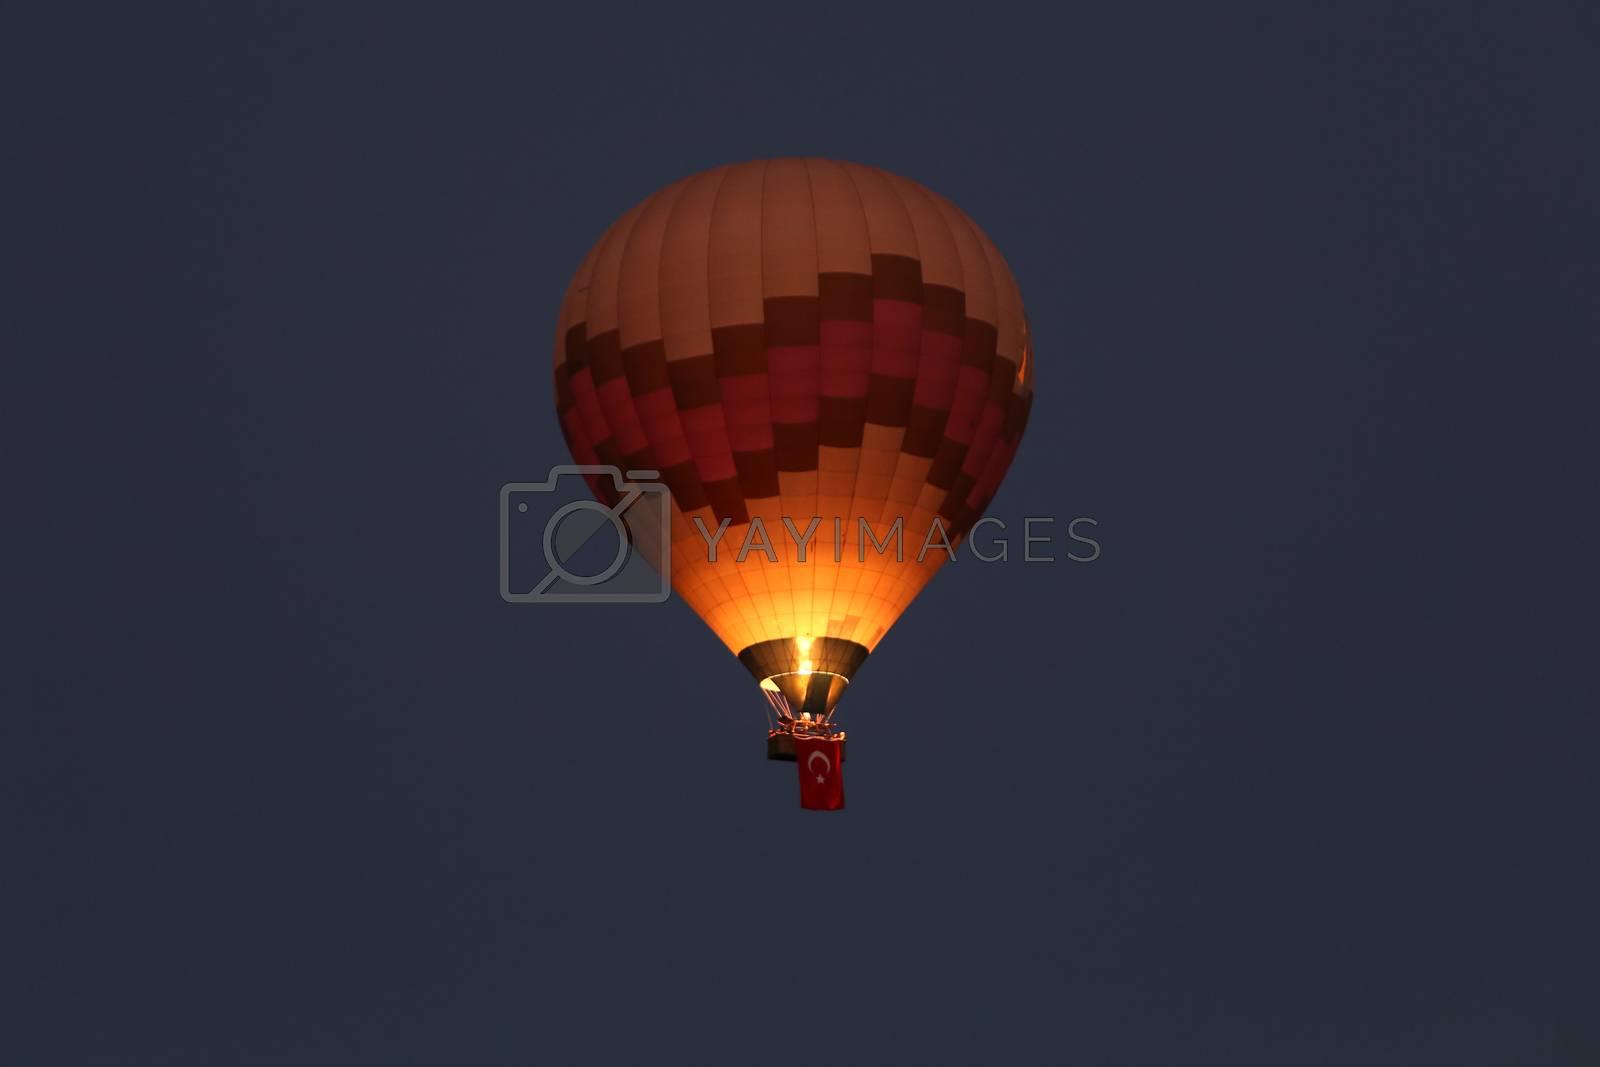 Hot Air Balloon by EvrenKalinbacak